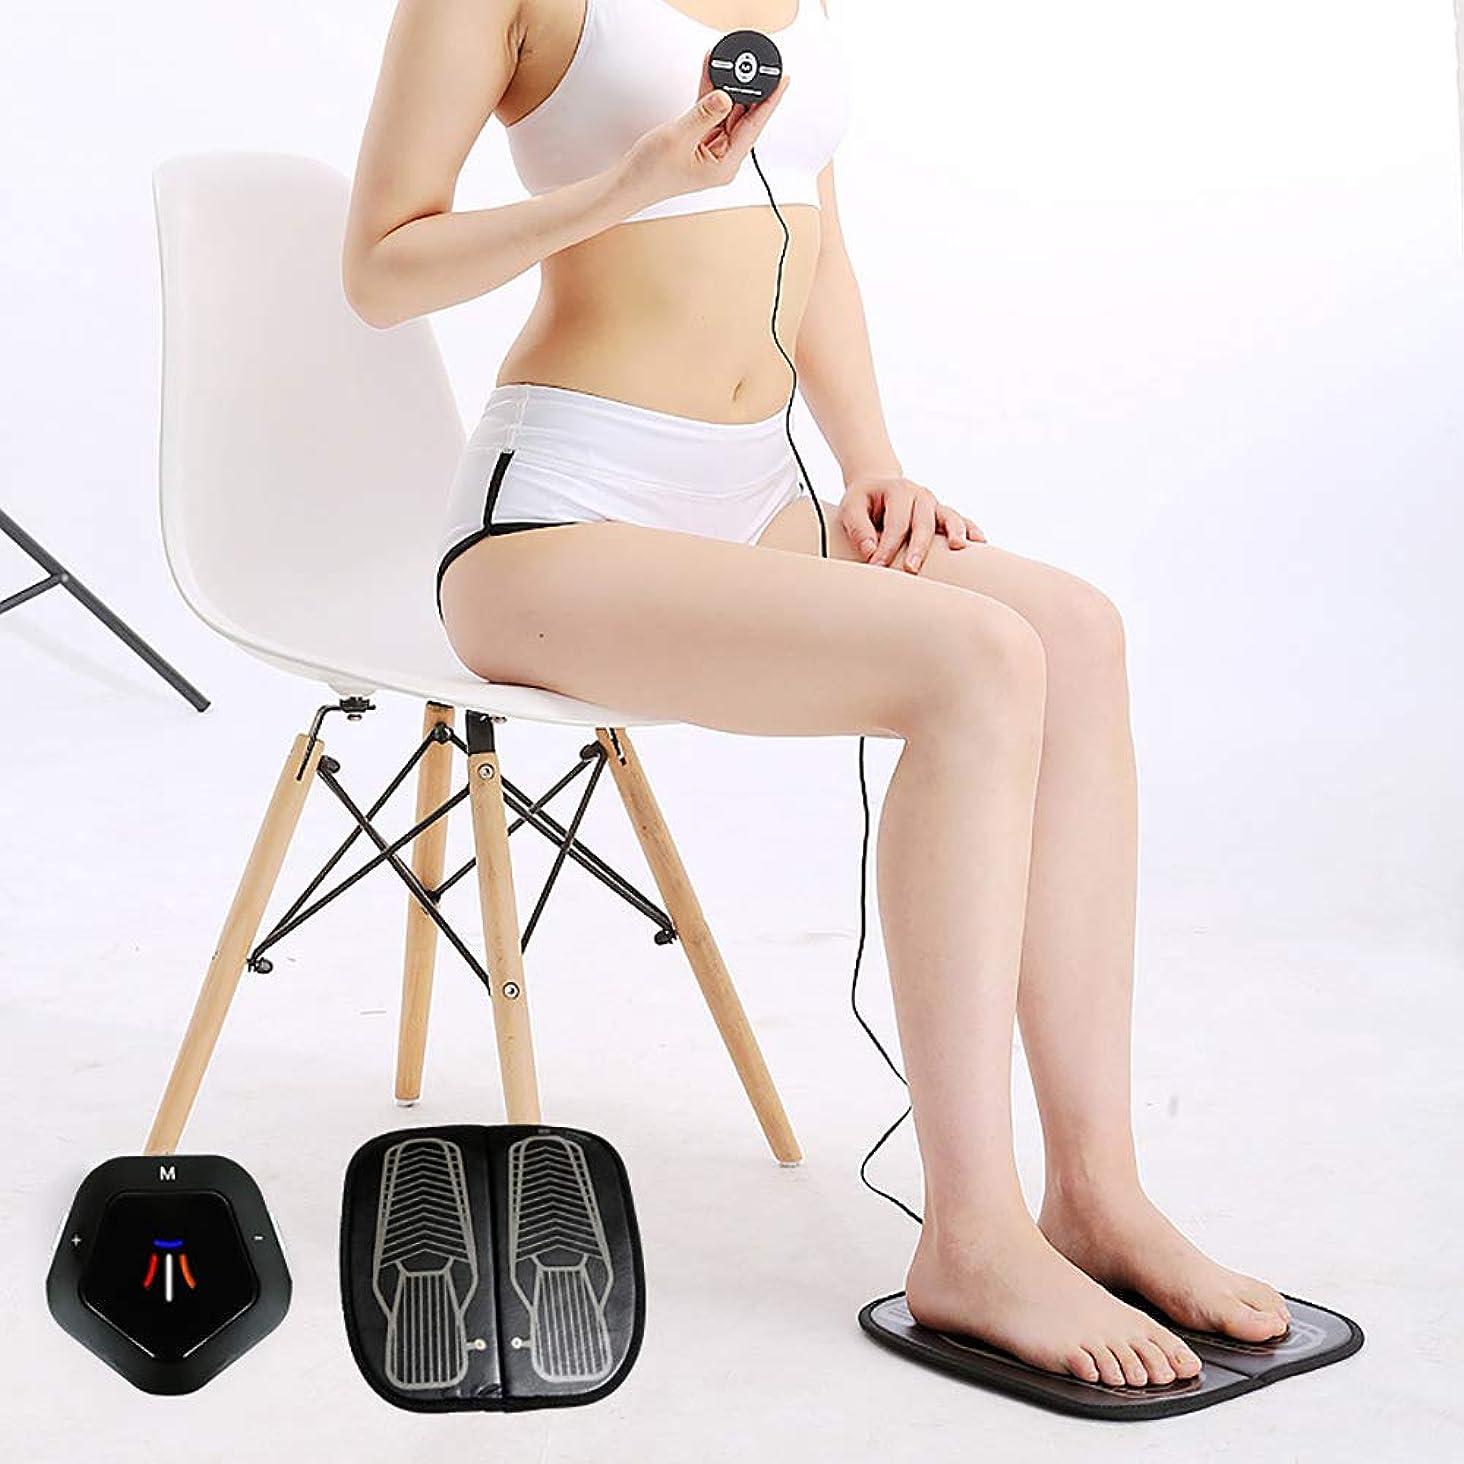 未接続細い農民EMS理学療法の足のマッサージのクッション、USBの再充電可能な振動の足のペディキュア機械はフィートの苦痛を取り除きます血循環を改善します